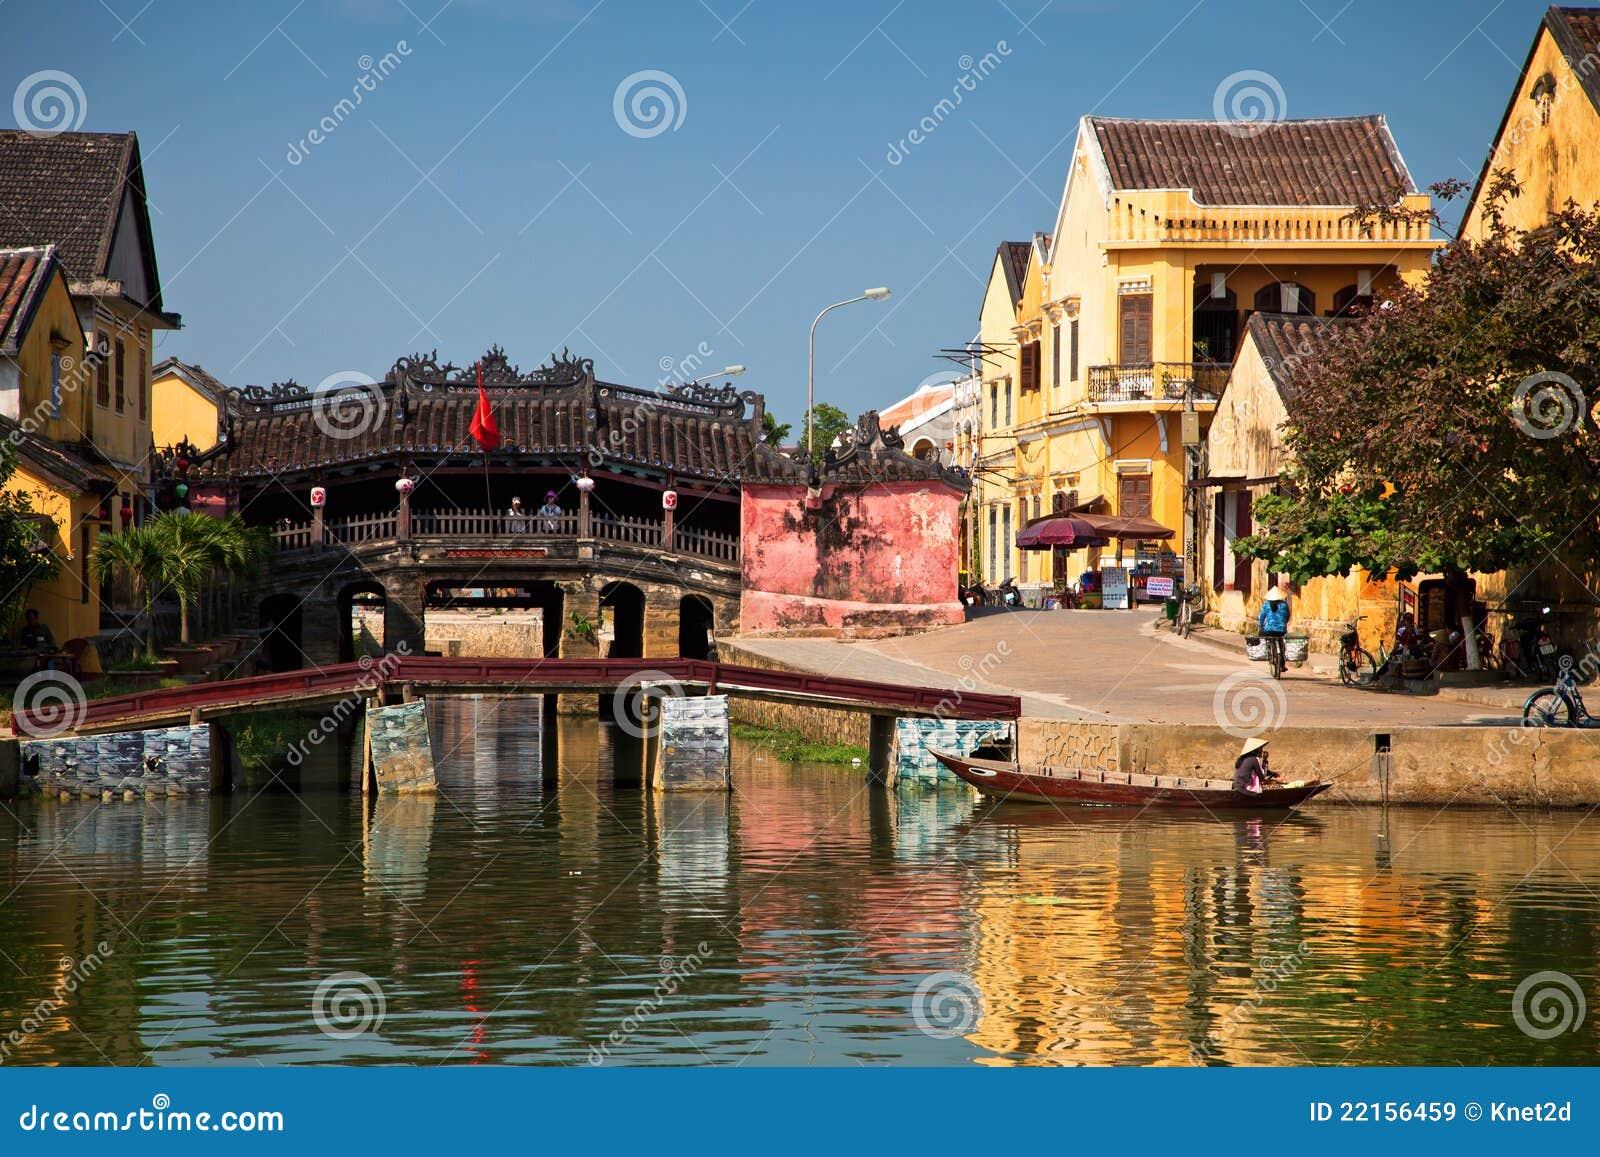 Japanese bridge at Hoi An